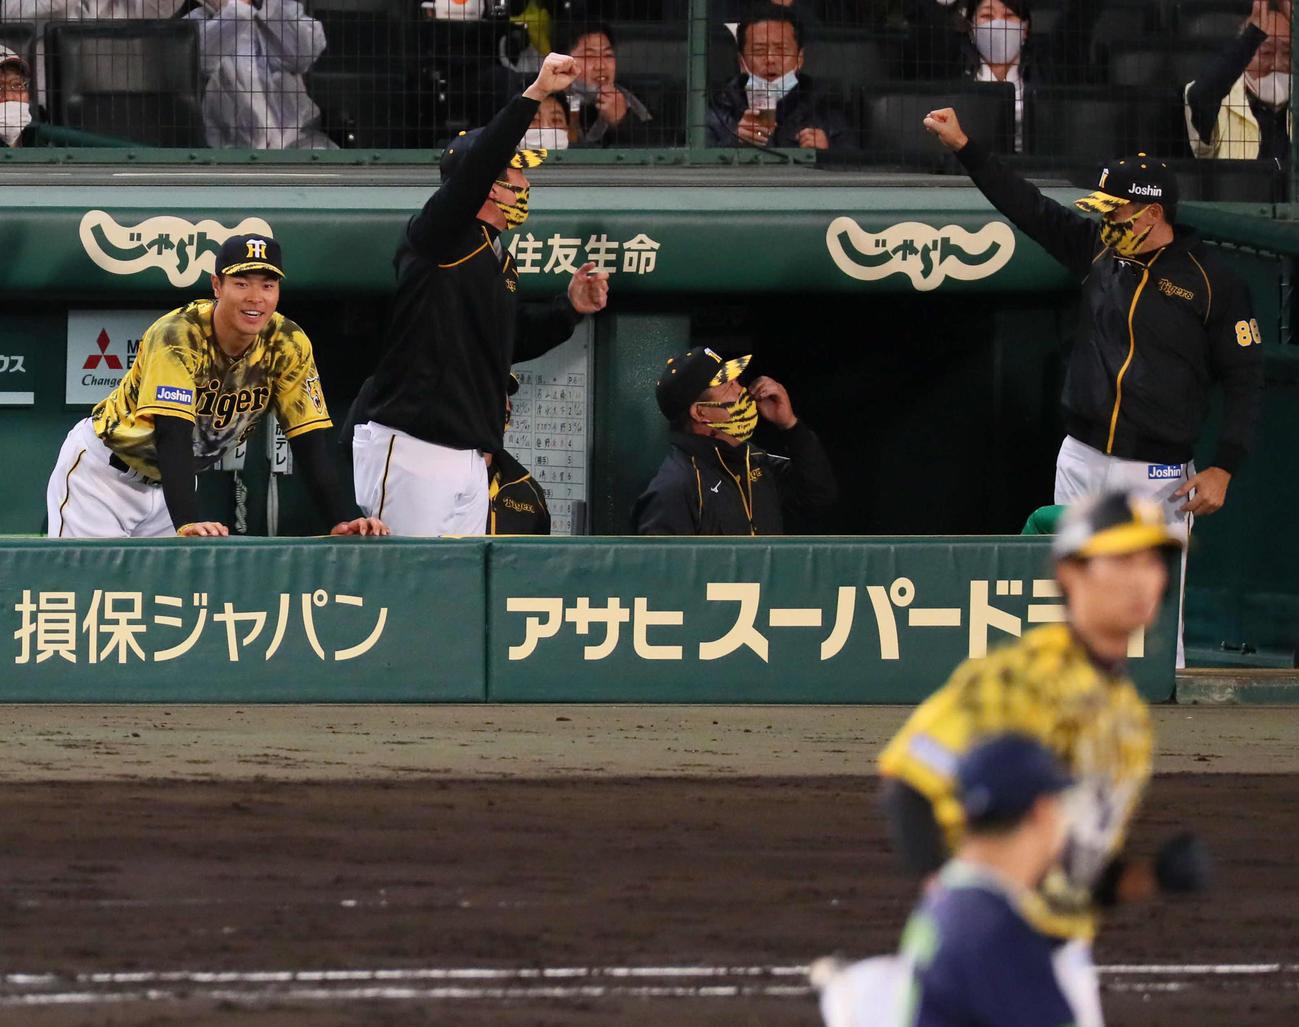 阪神対広島 5回裏阪神2死二塁、矢野監督(右)は藤浪(手前)の左越え先制2点本塁打にガッツポーズ(撮影・宮崎幸一)